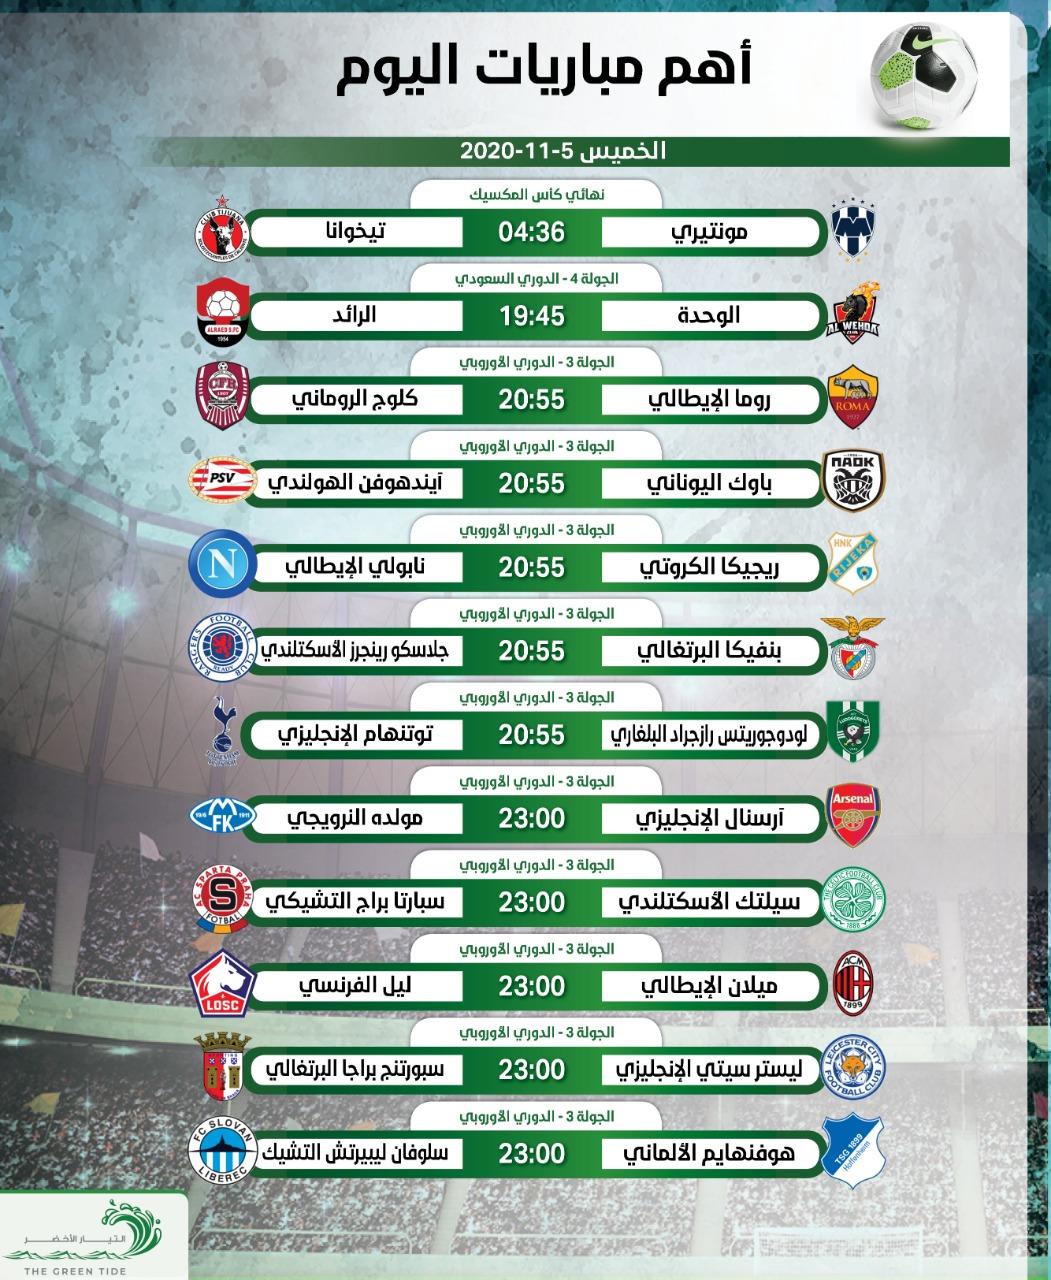 أهم مباريات اليوم الخميس 5-11-2020.